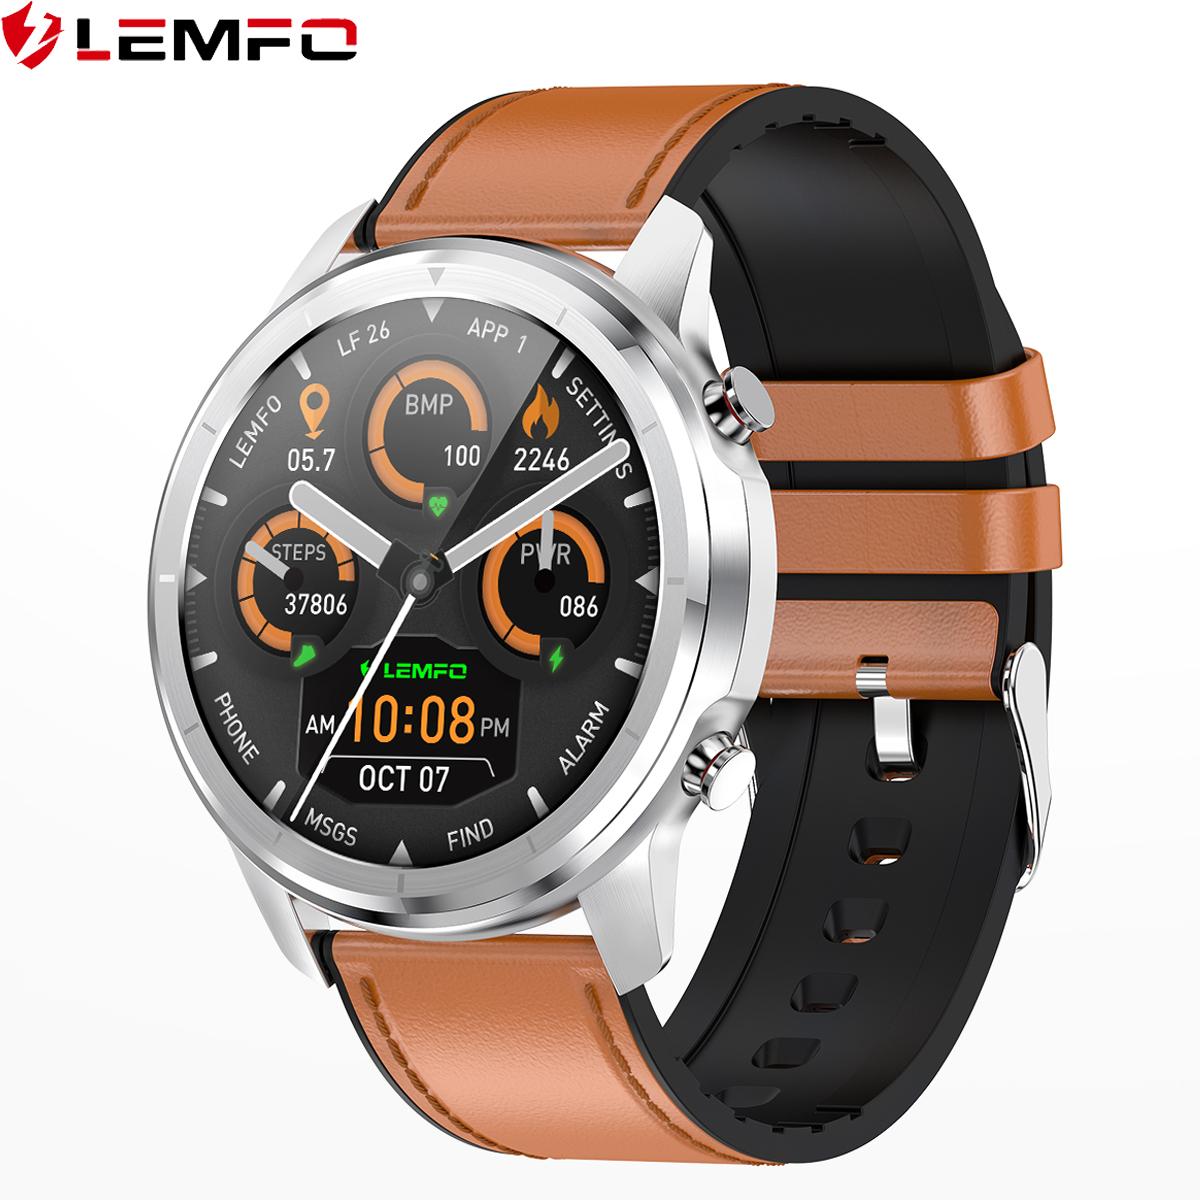 lemfo全屏触摸华为通用多运动模式健康智能手表男360PPI高分屏24小时连续心率血压血氧监测商务智能手环手表